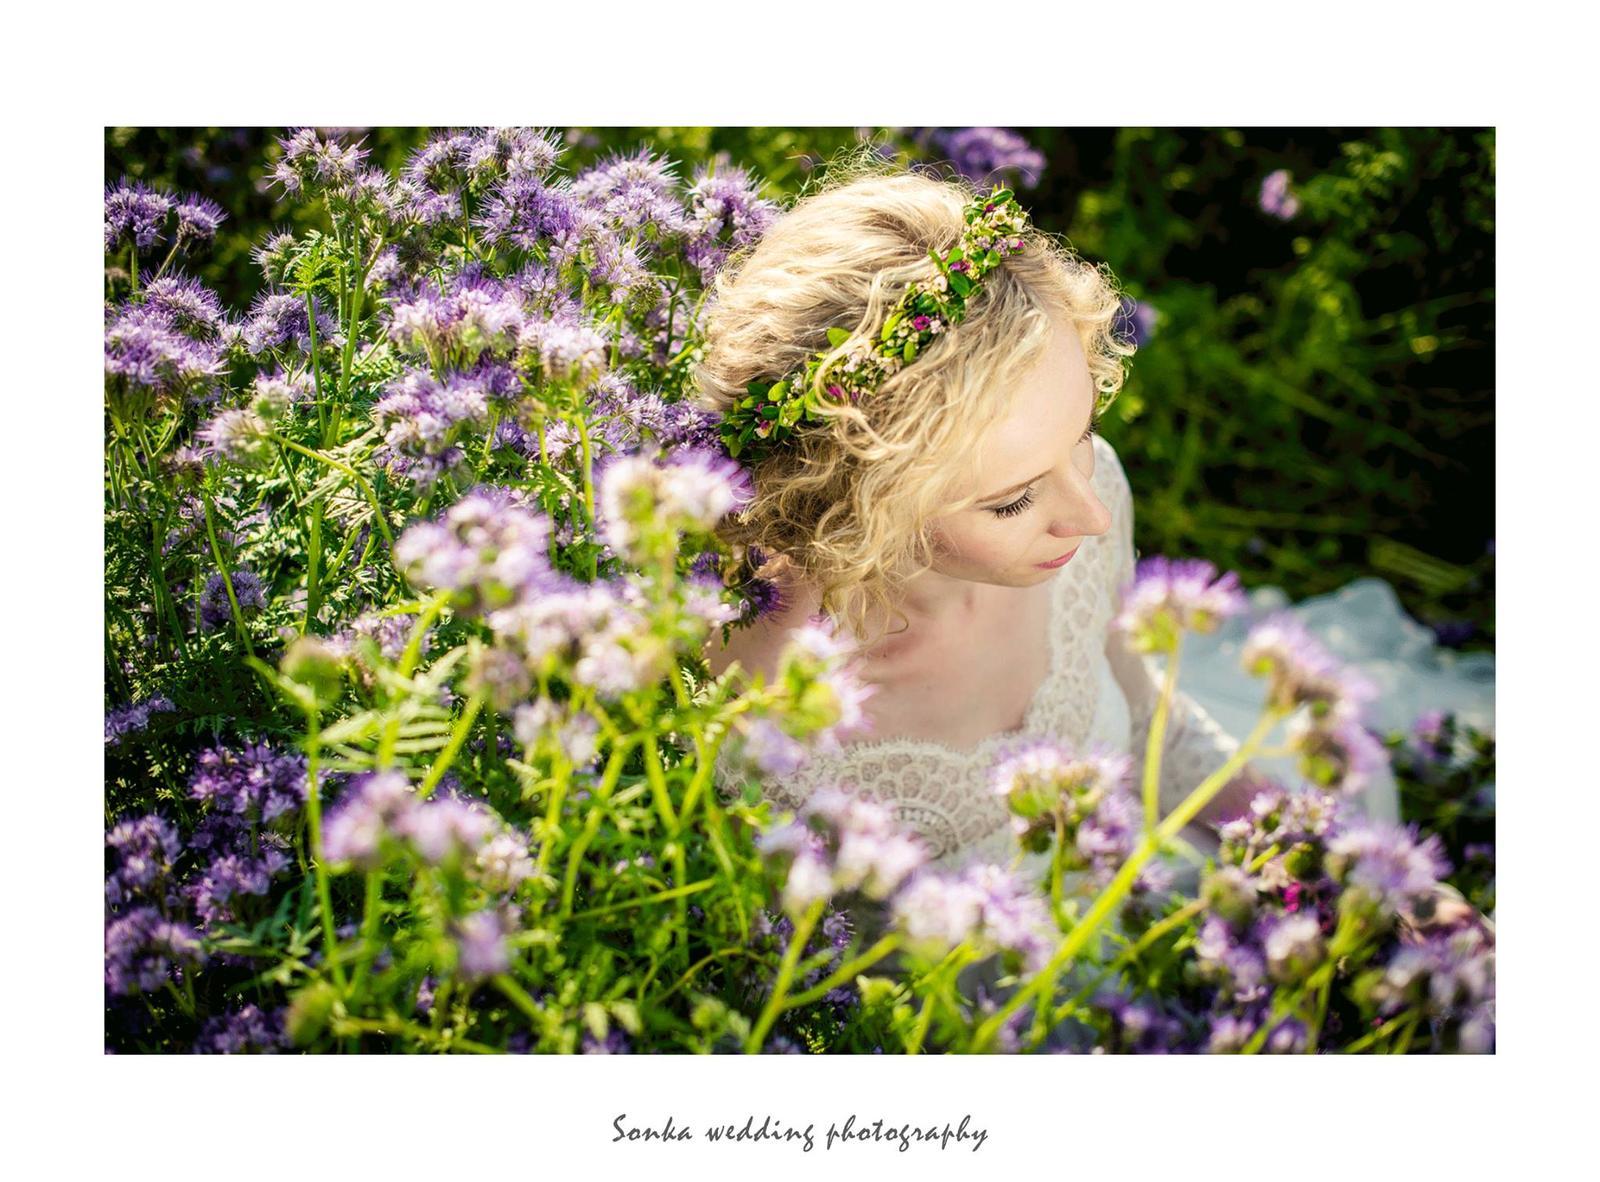 Wedding photography - Obrázek č. 22